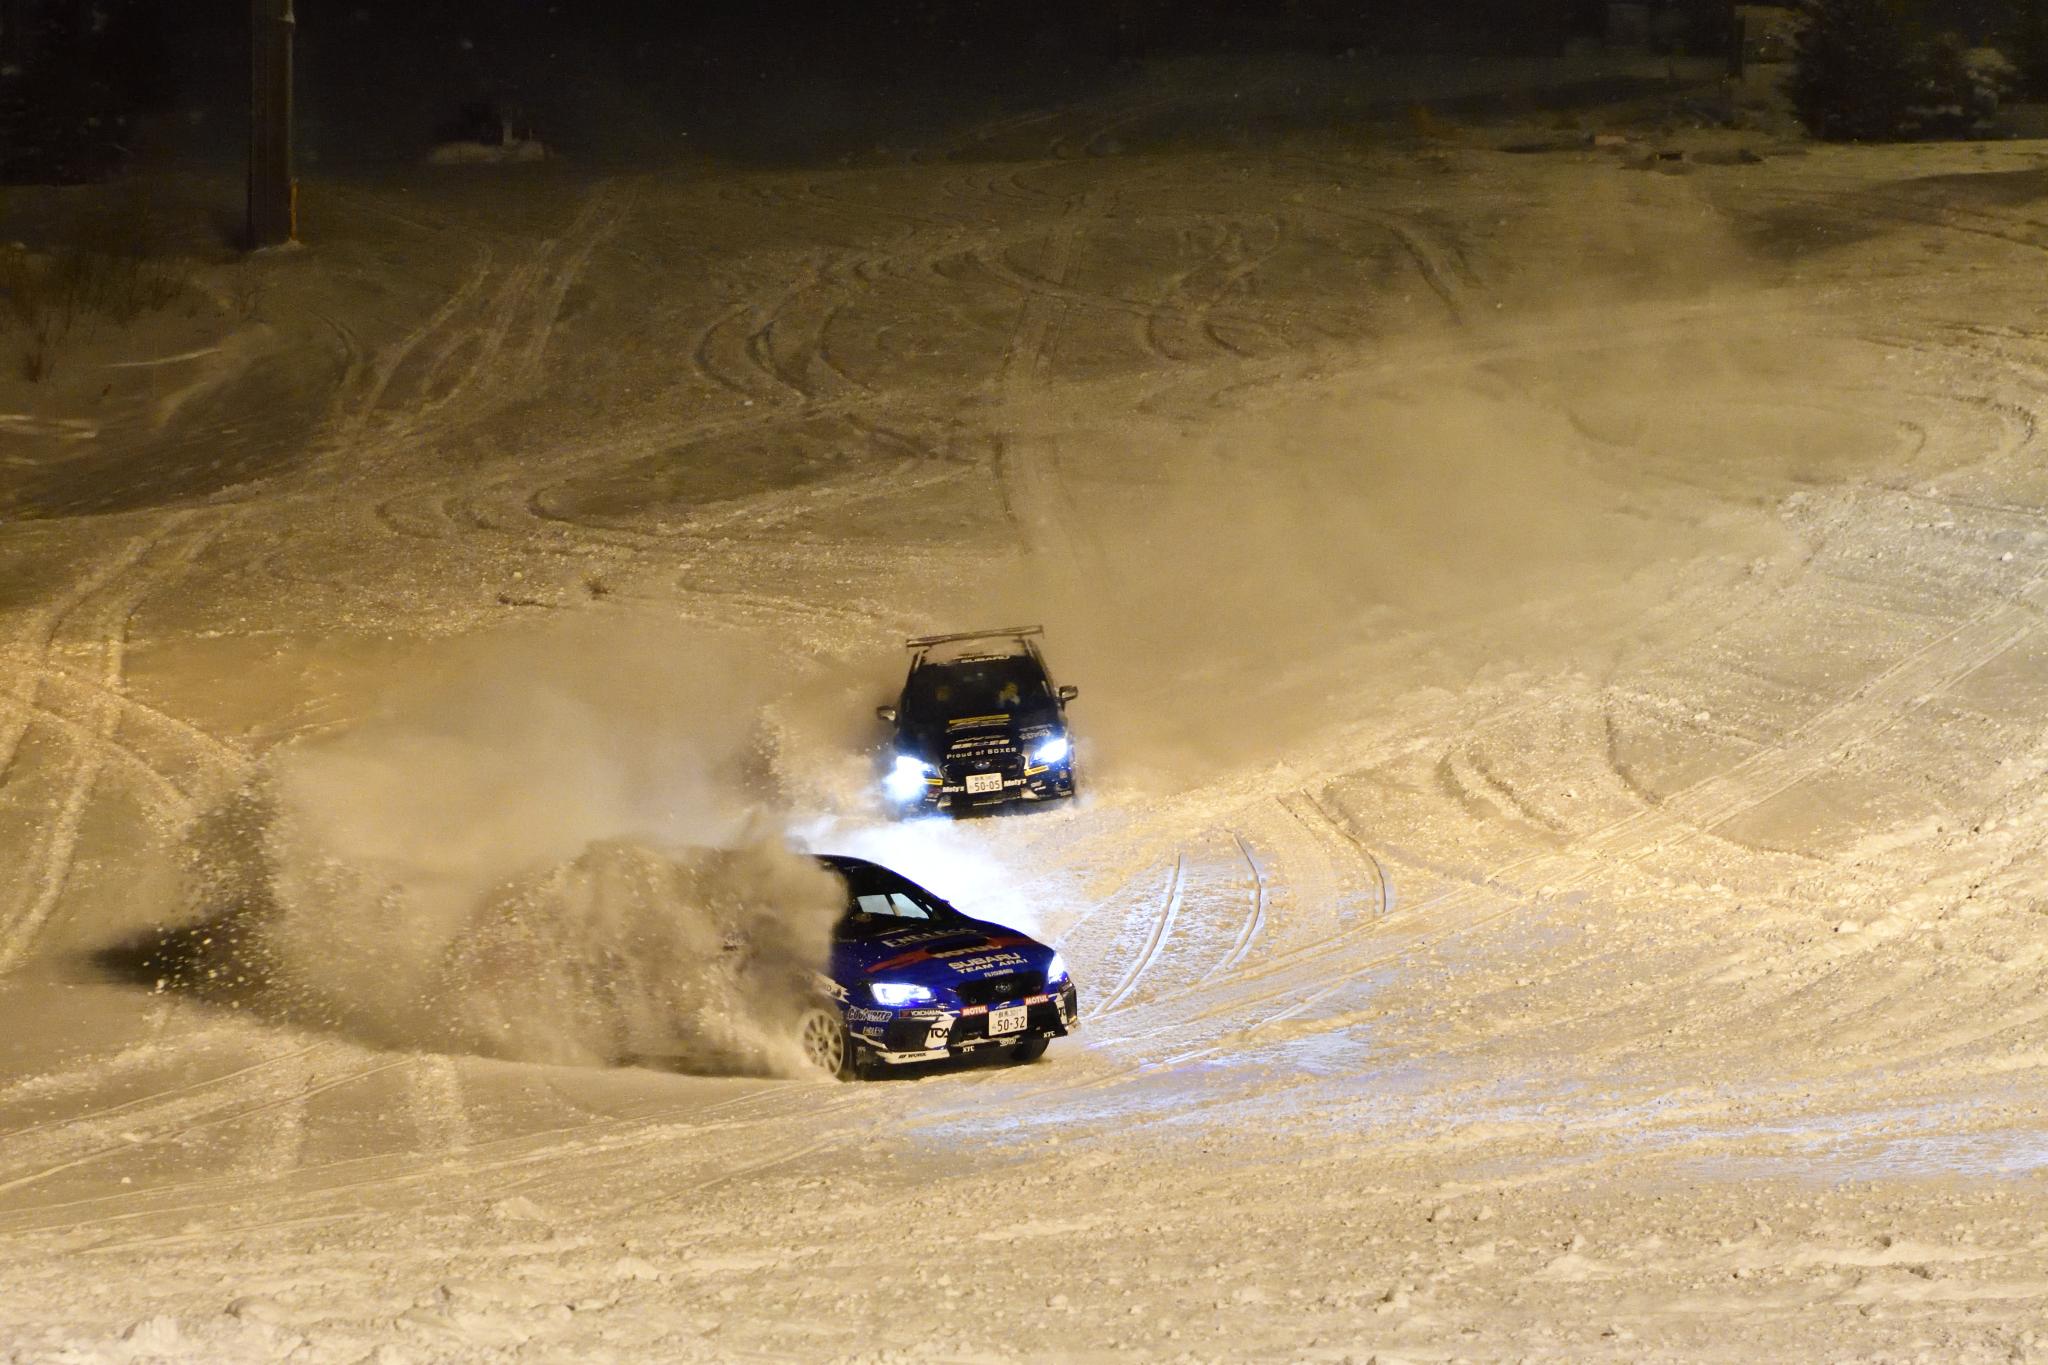 ゲレンデを駆け上るスバルゲレンデタクシー。今シーズンは意外なコラボも!